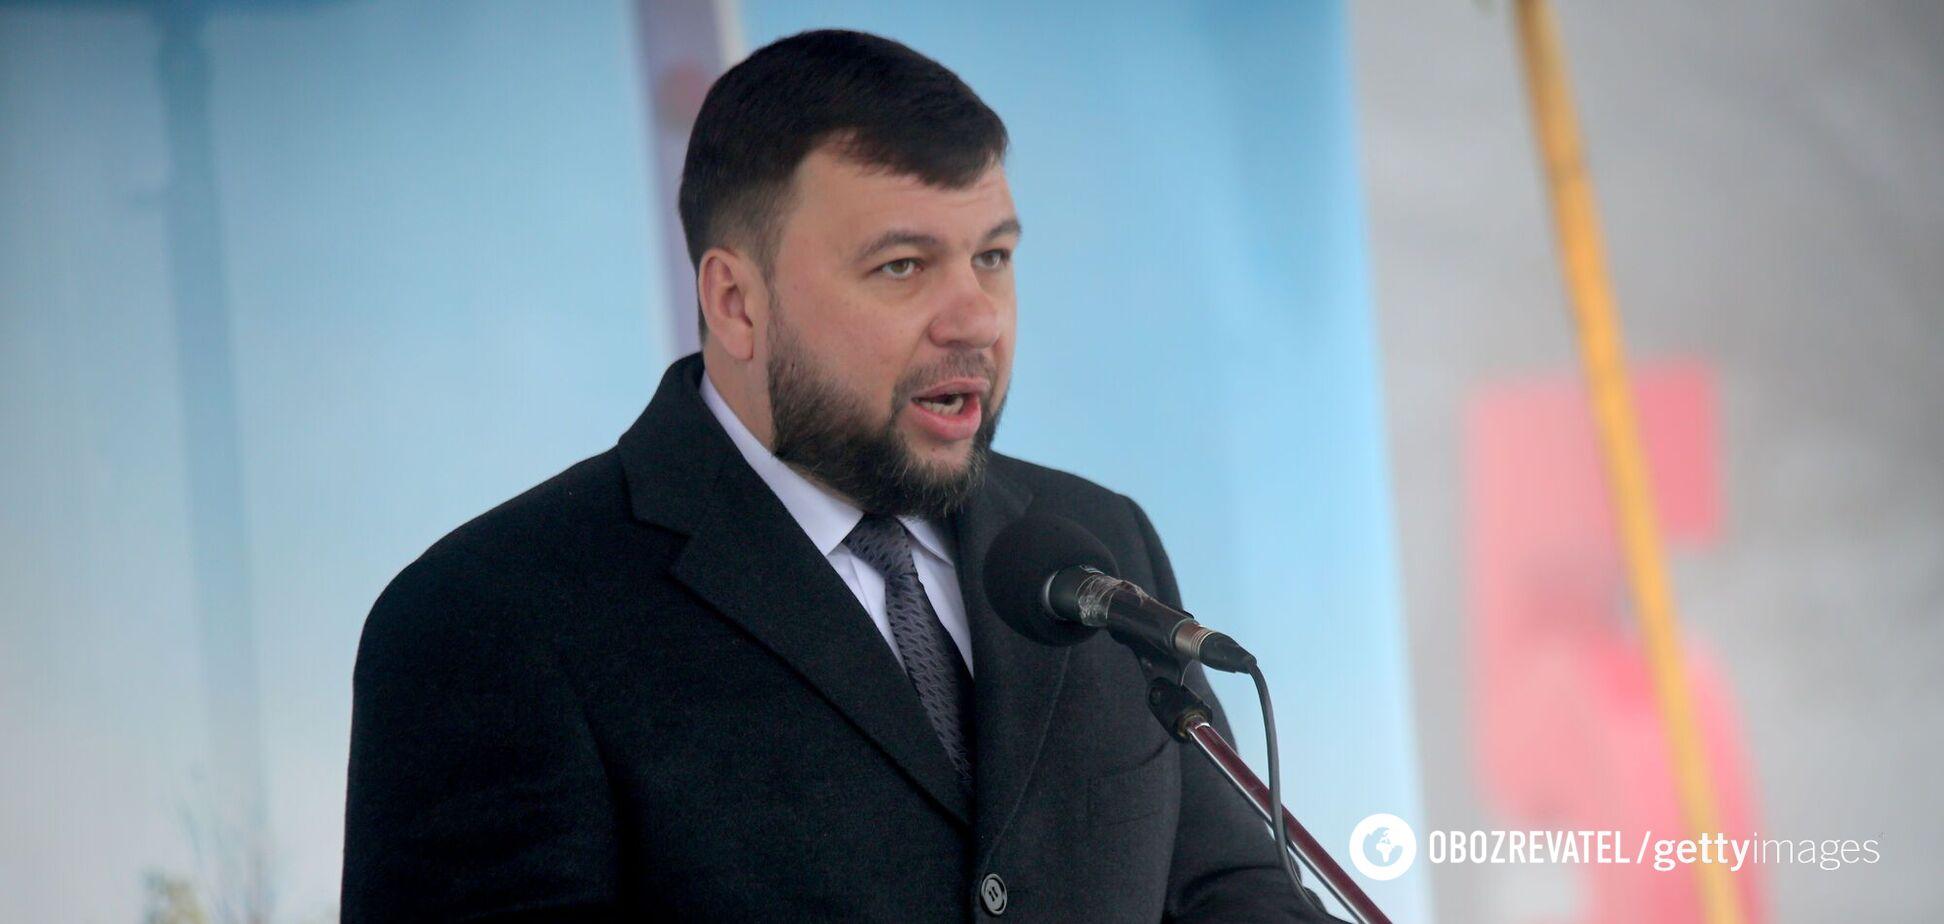 Ватажок терористів 'ДНР' Денис Пушилін